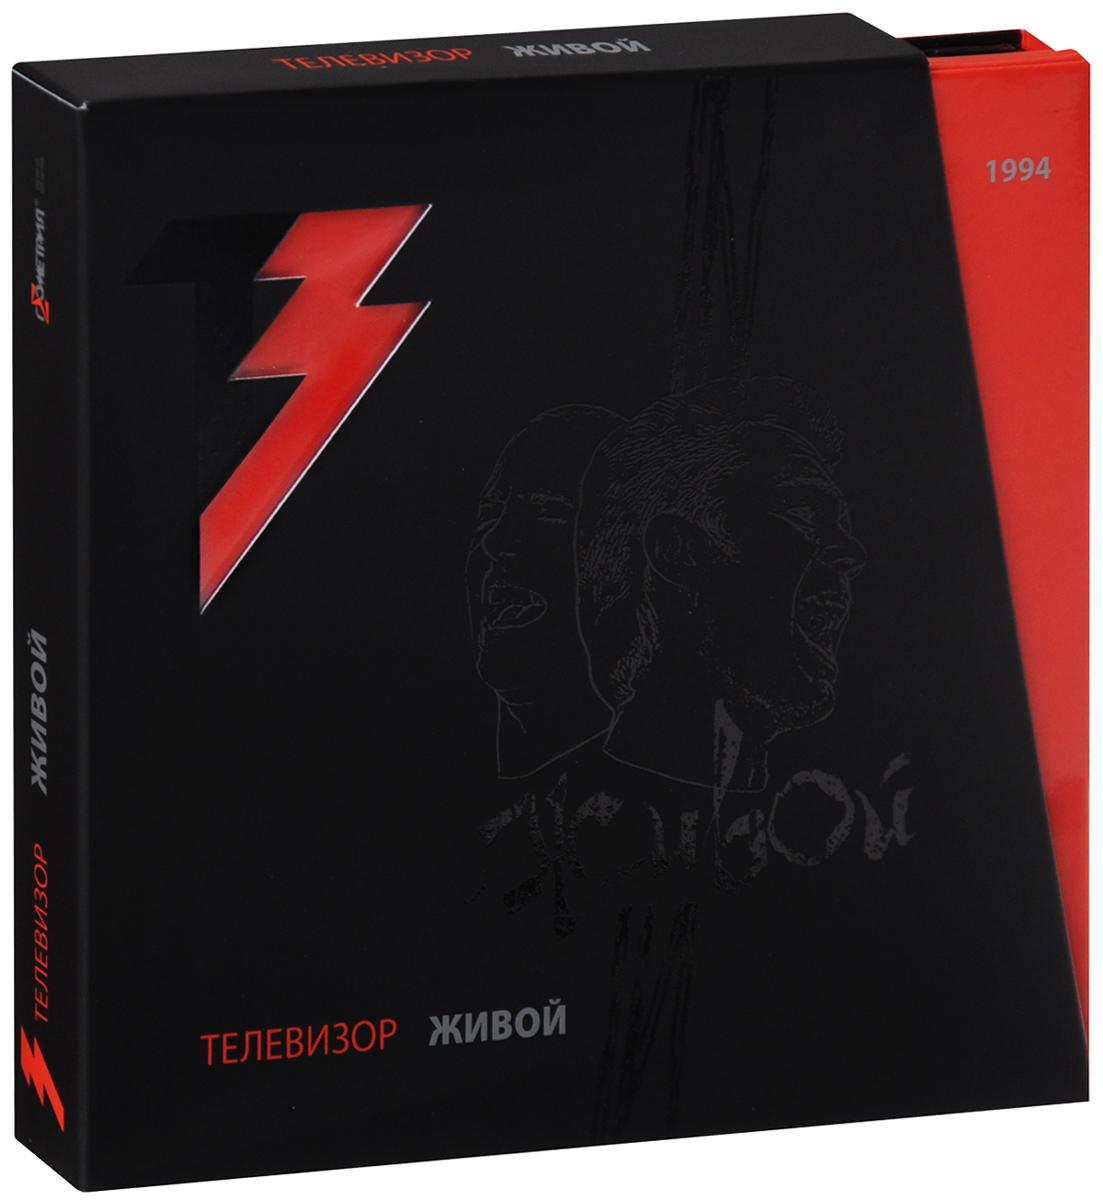 Альбом посвящён 10-летию группы Телевизор.